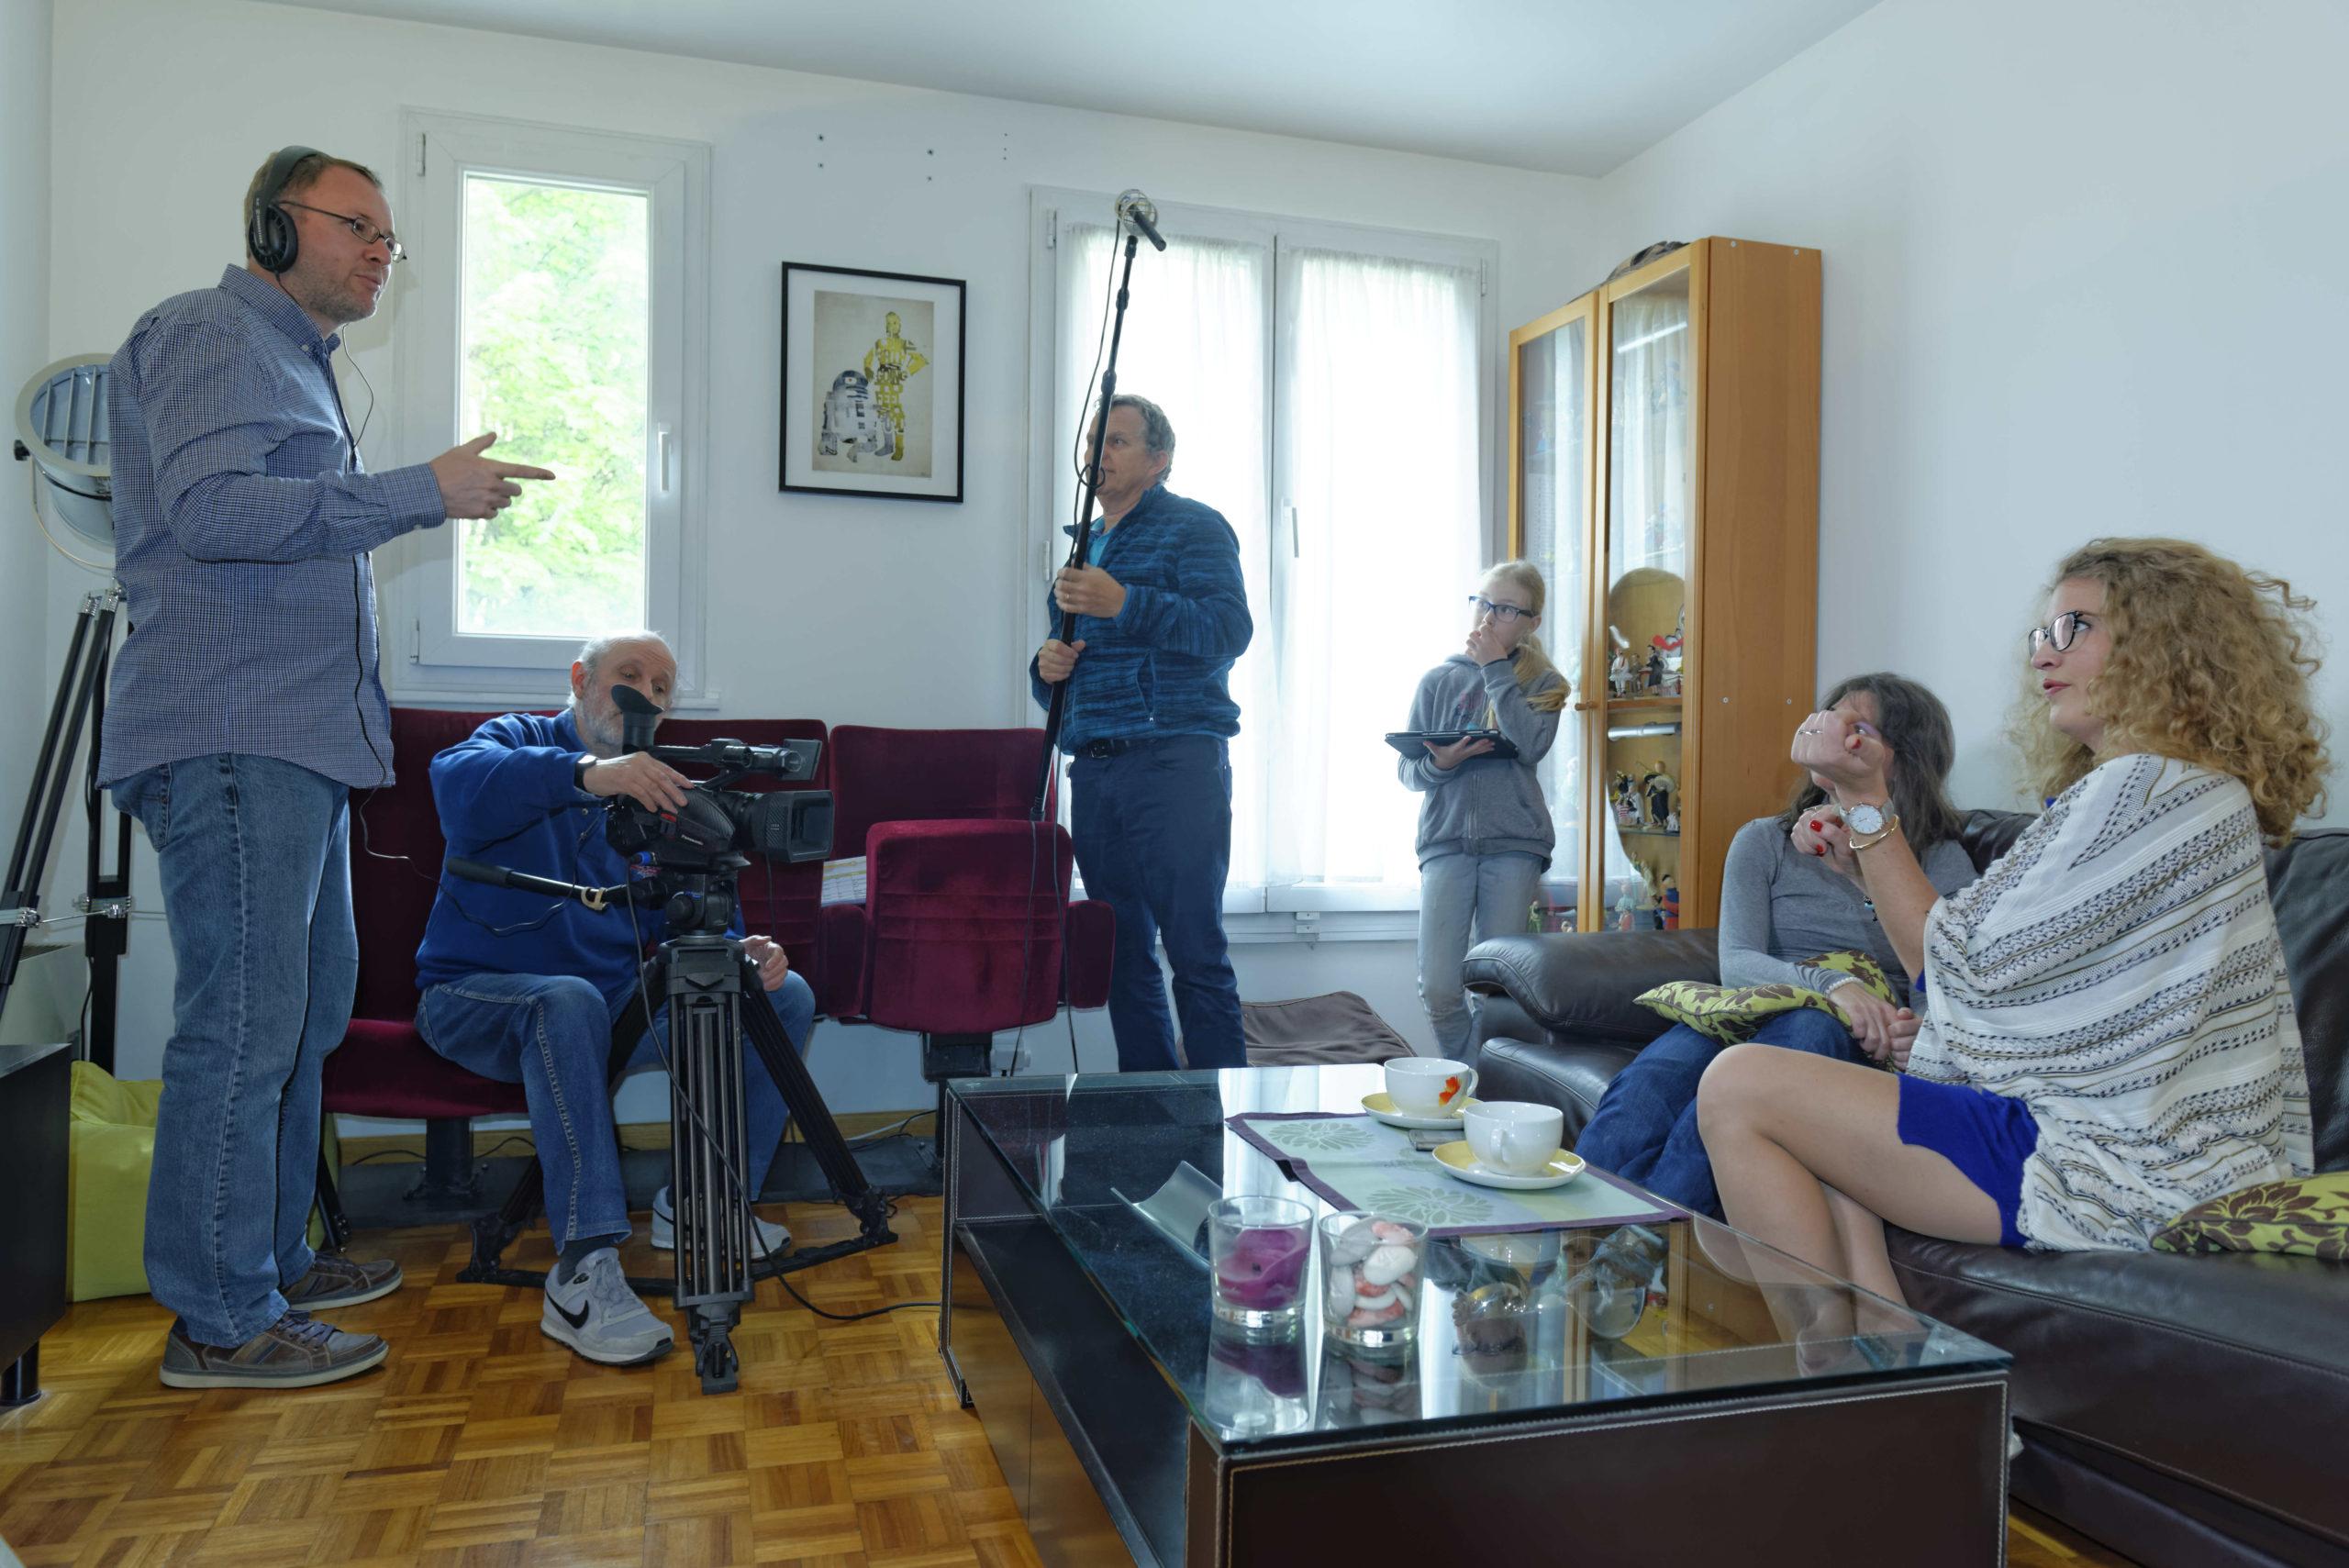 Pere et impair photos tournage 15